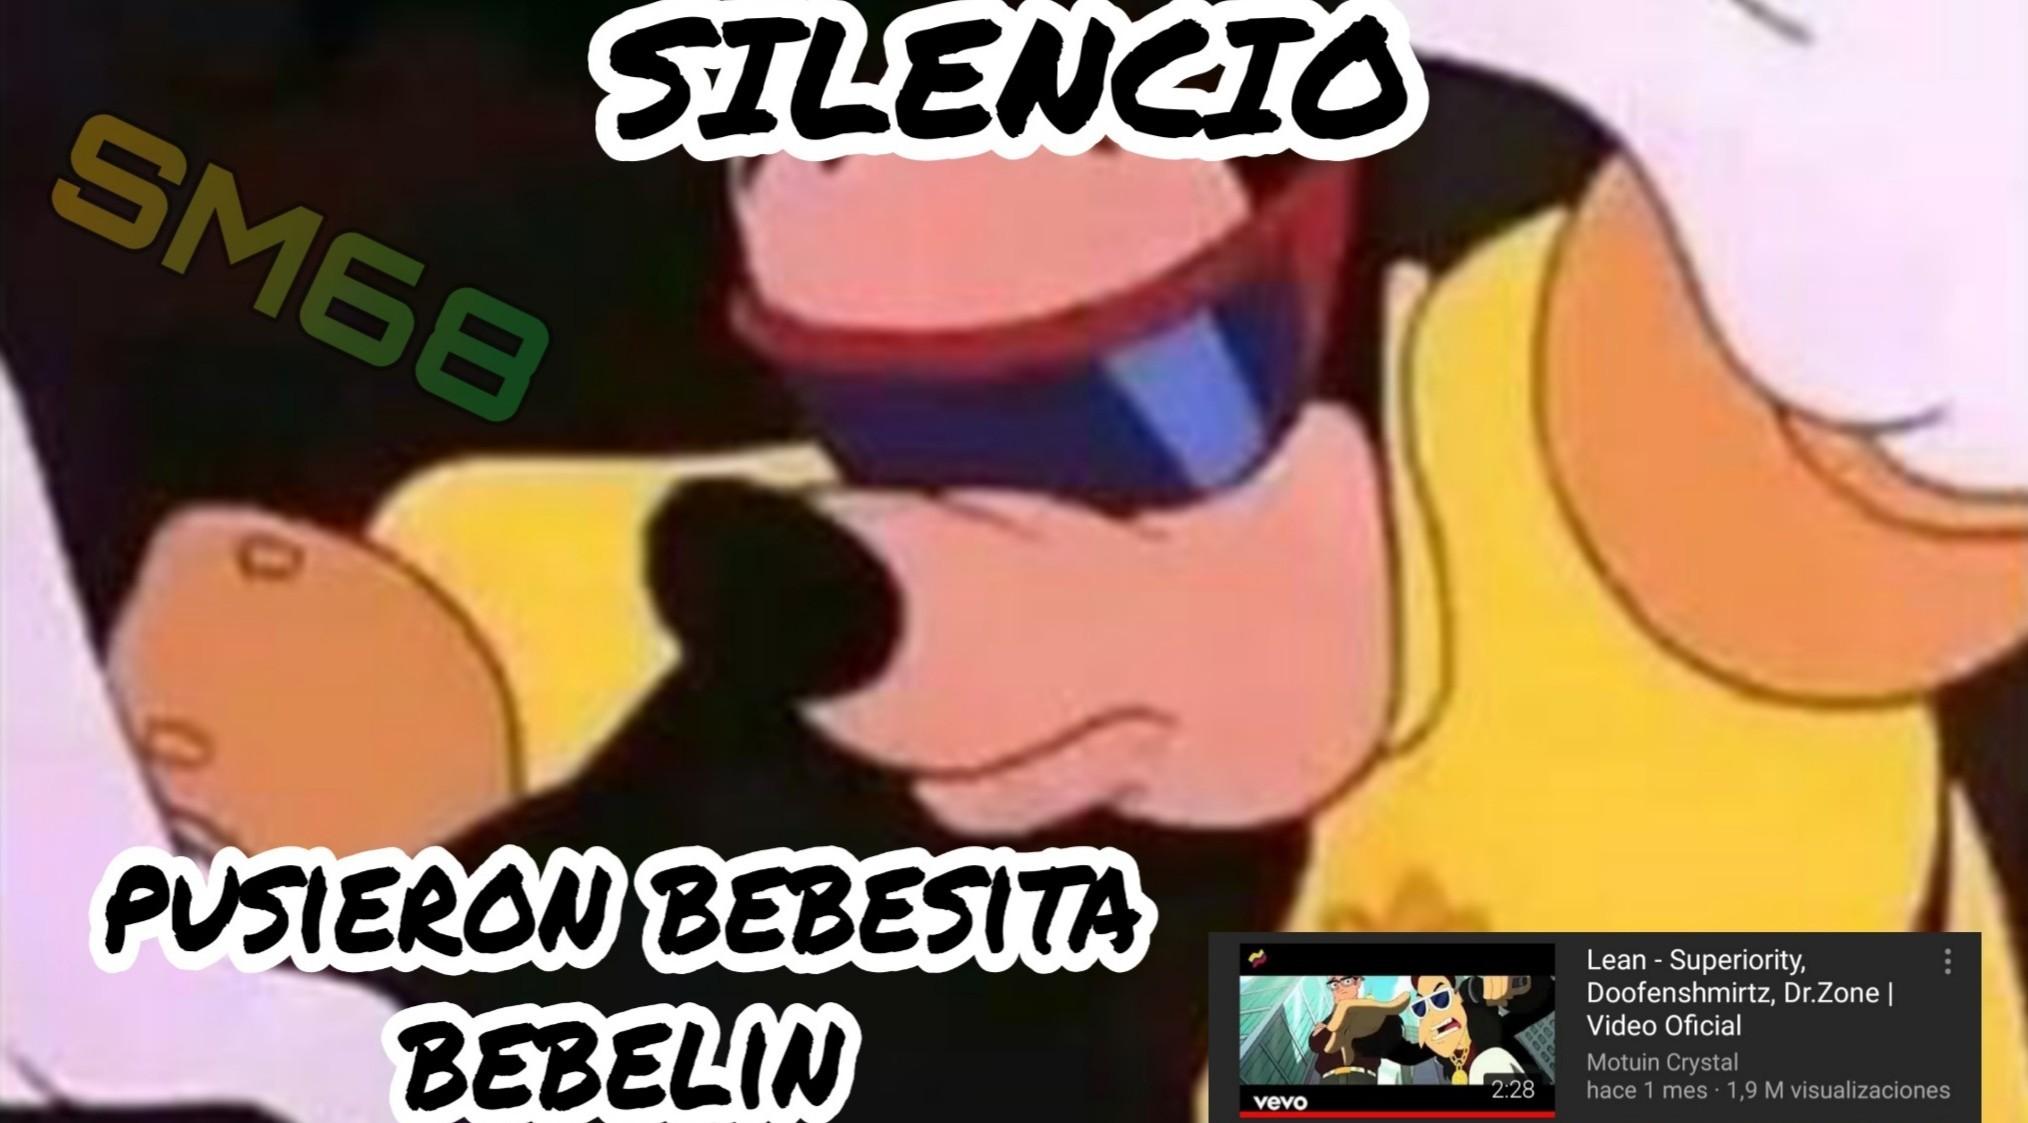 Silencio... Pusieron BEBECITA BEBELIN - meme